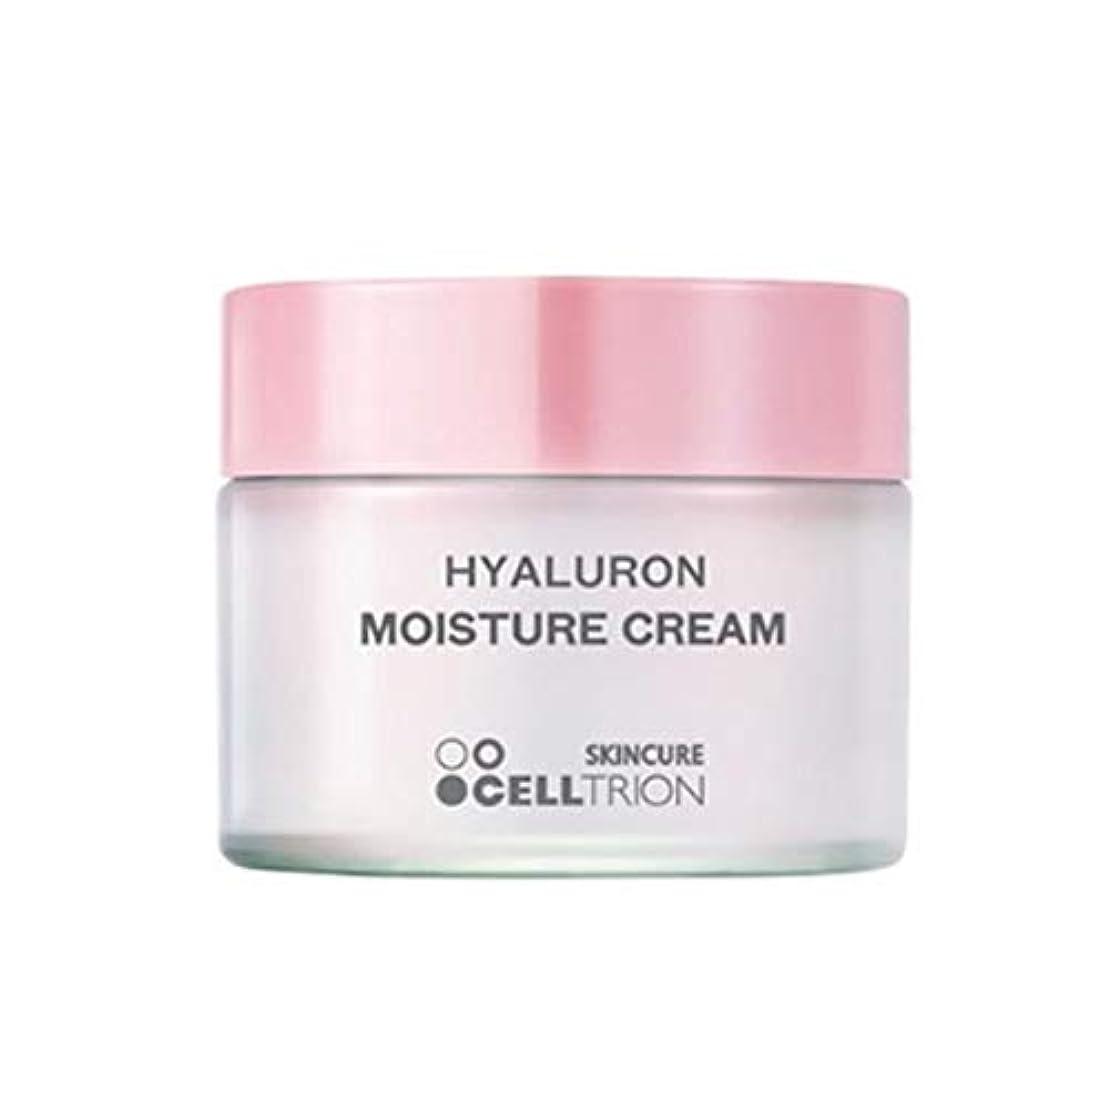 セルトリオンスキンキュアヒアルロンモイスチャークリーム50gしわ改善、Celltrion Skincure Hyaluron Moisture Cream 50g Anti-Wrinkle [並行輸入品]